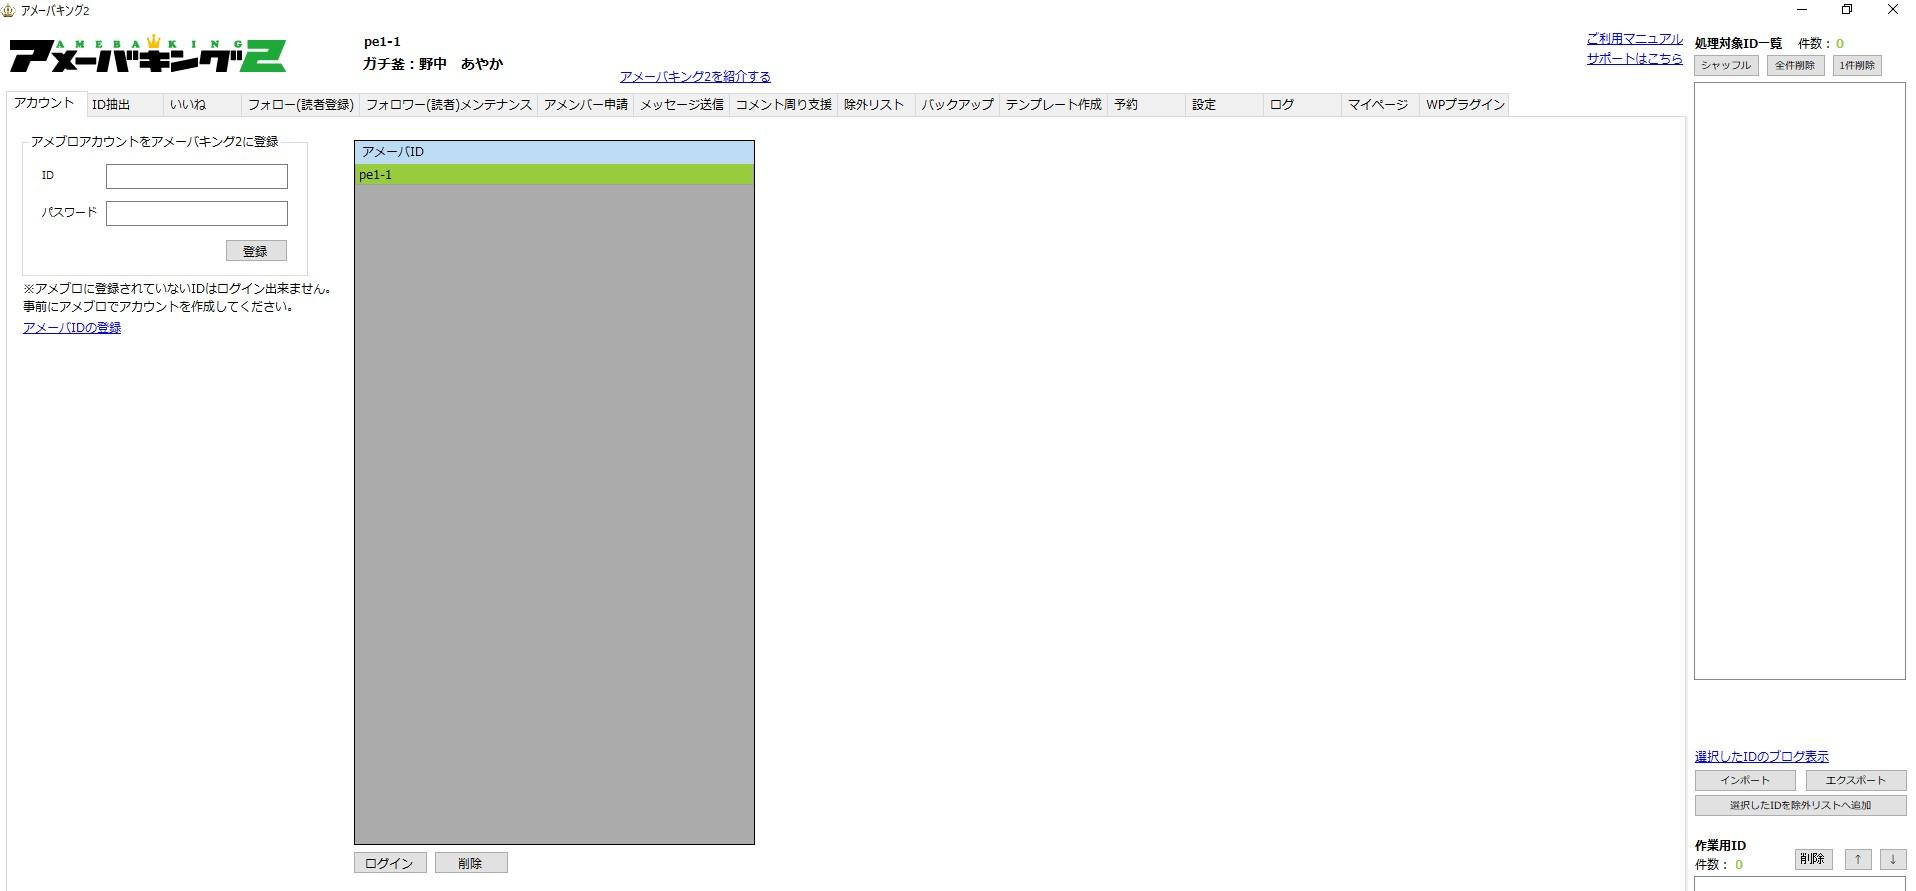 アメーバキング2の画面